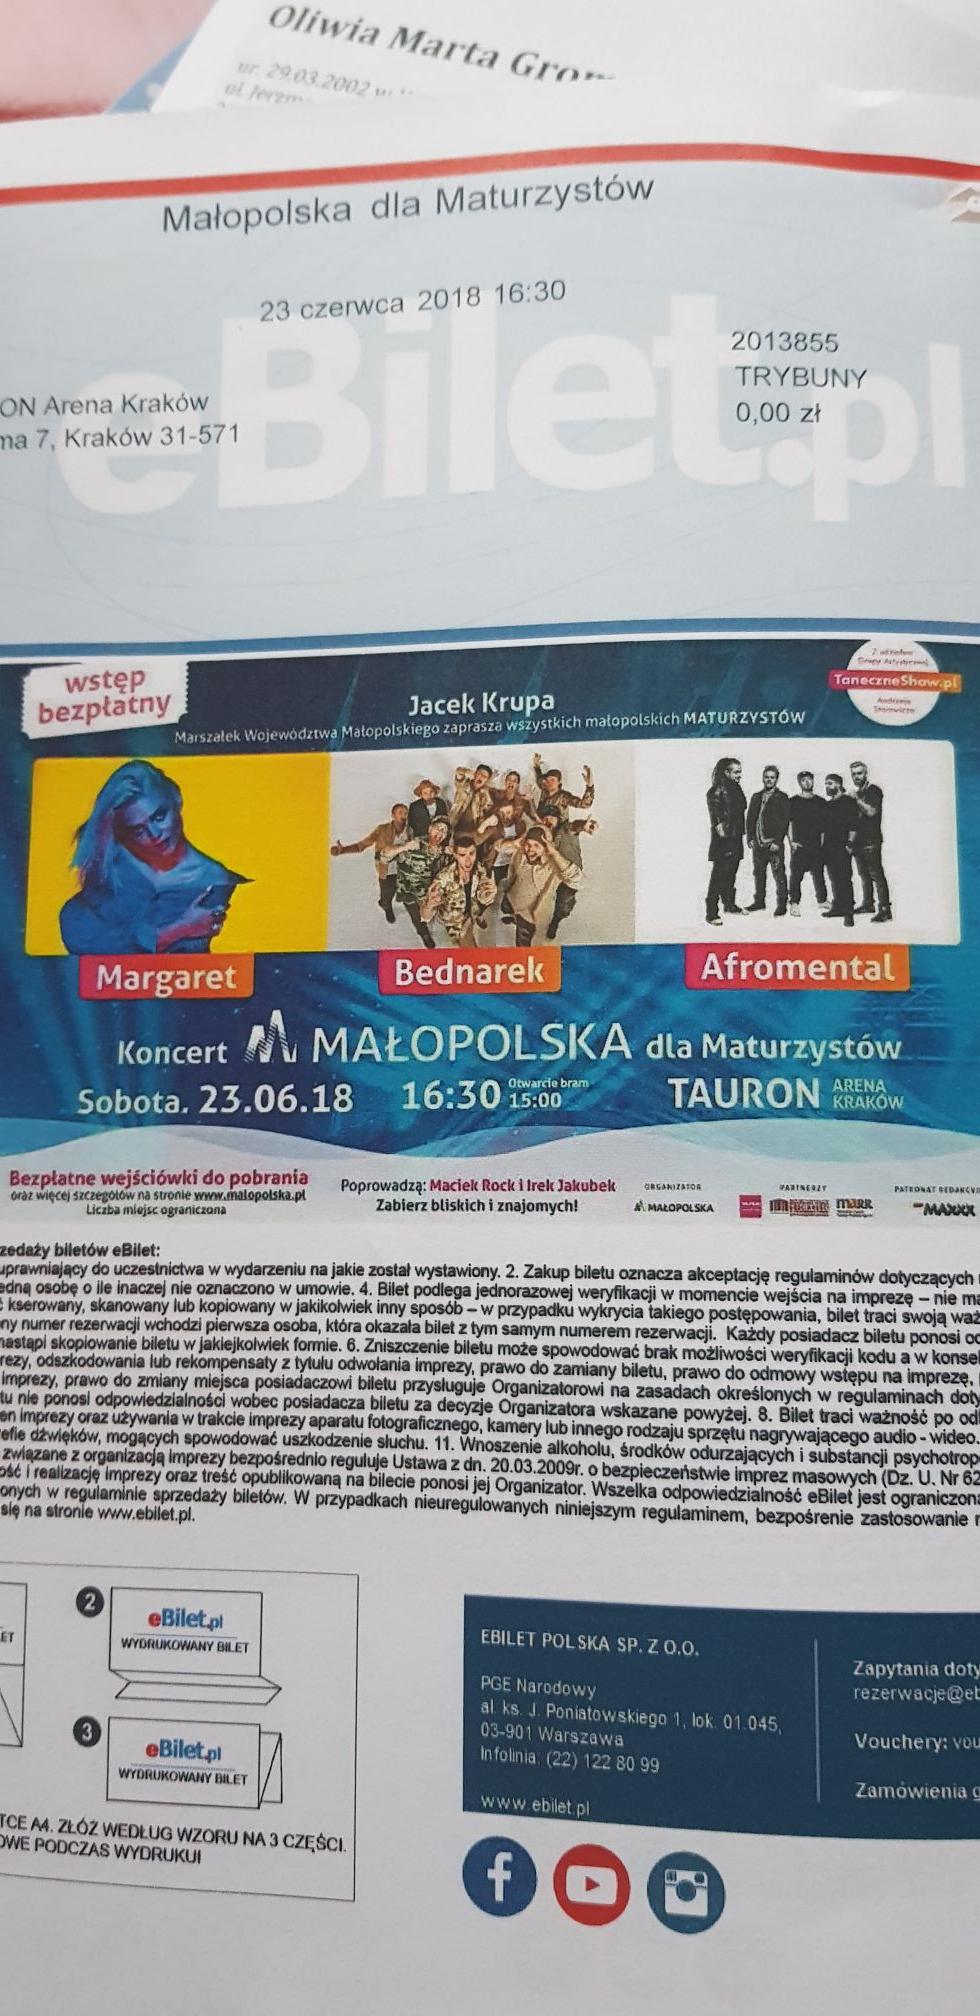 Bednarek, Margaret, Afromental. 23.06 Kraków ZA DARMO